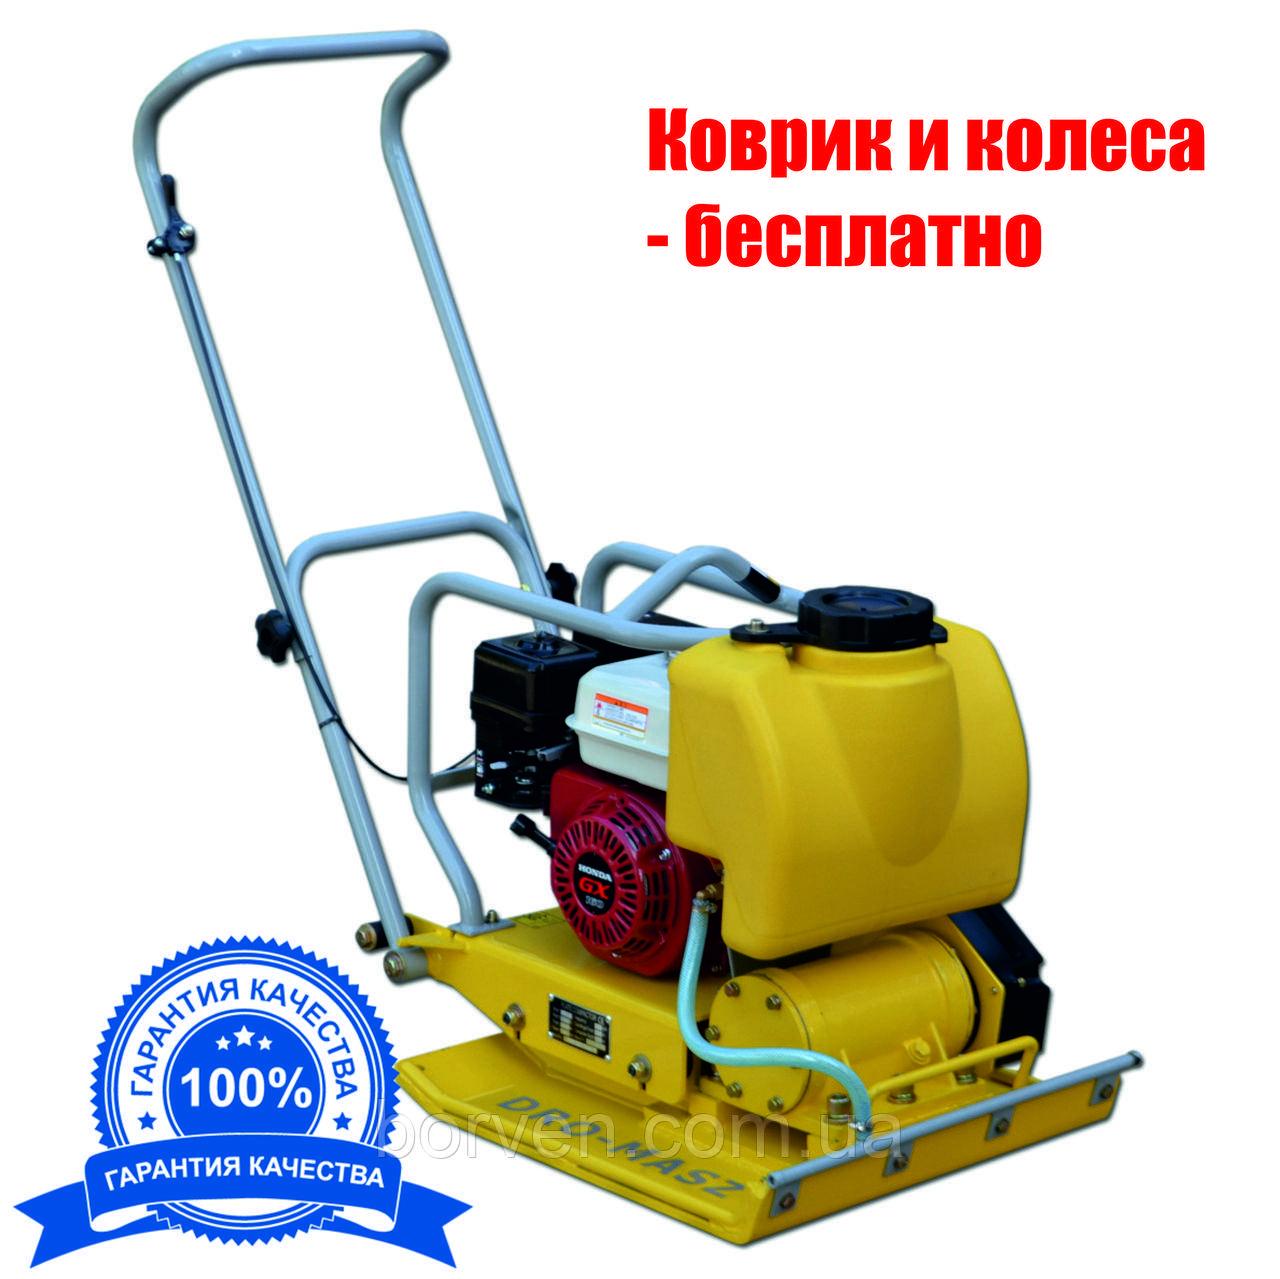 Виброплита Dro Masz DRB-120D, 120 kg, HONDA GX160, Р